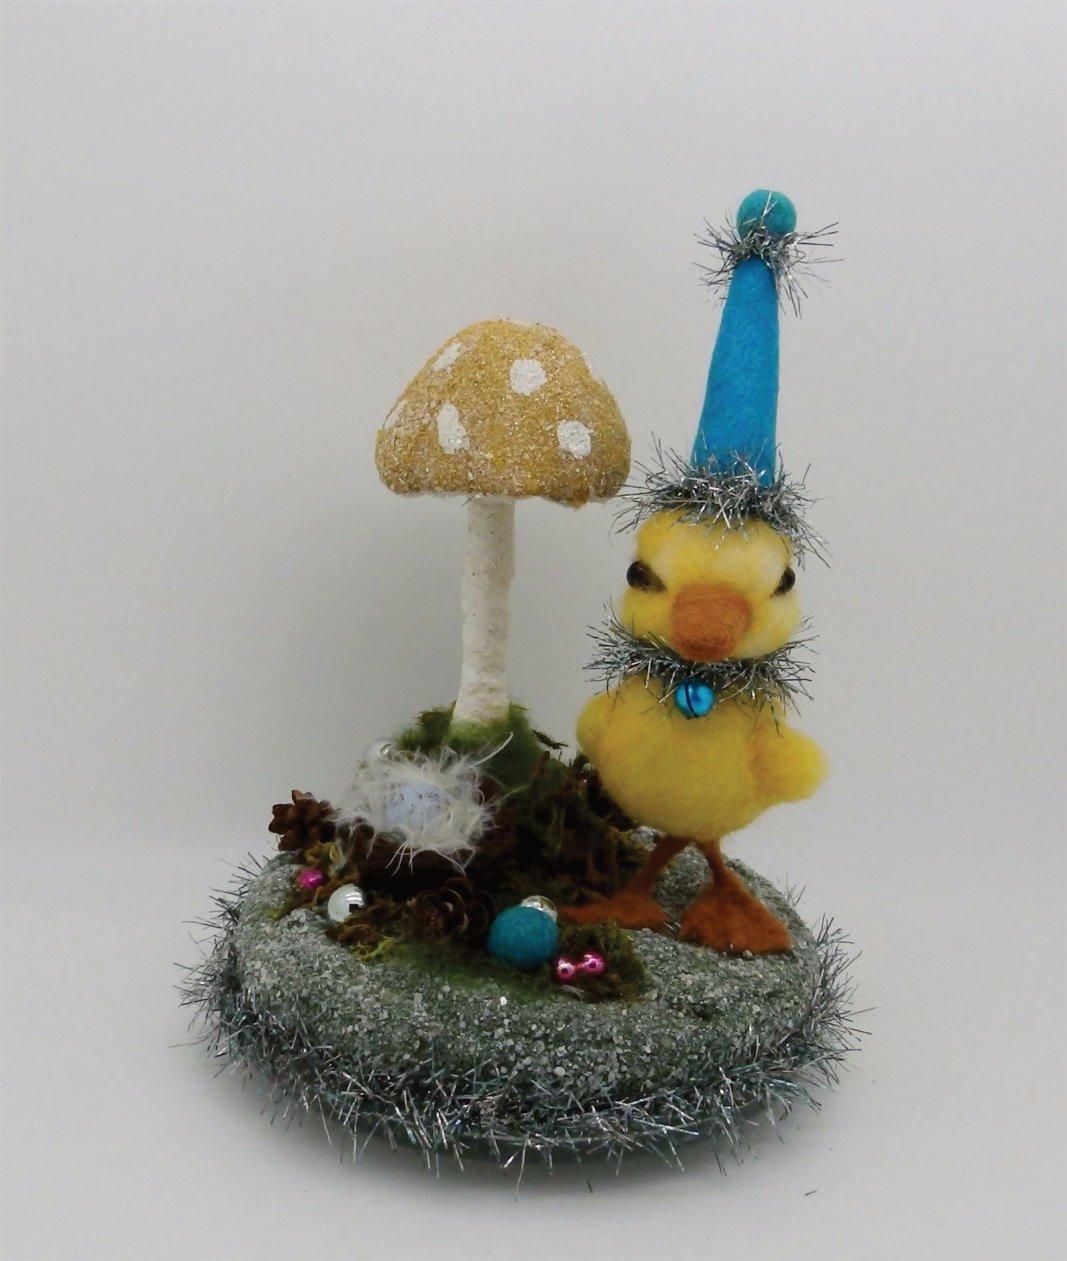 Hector Duckling